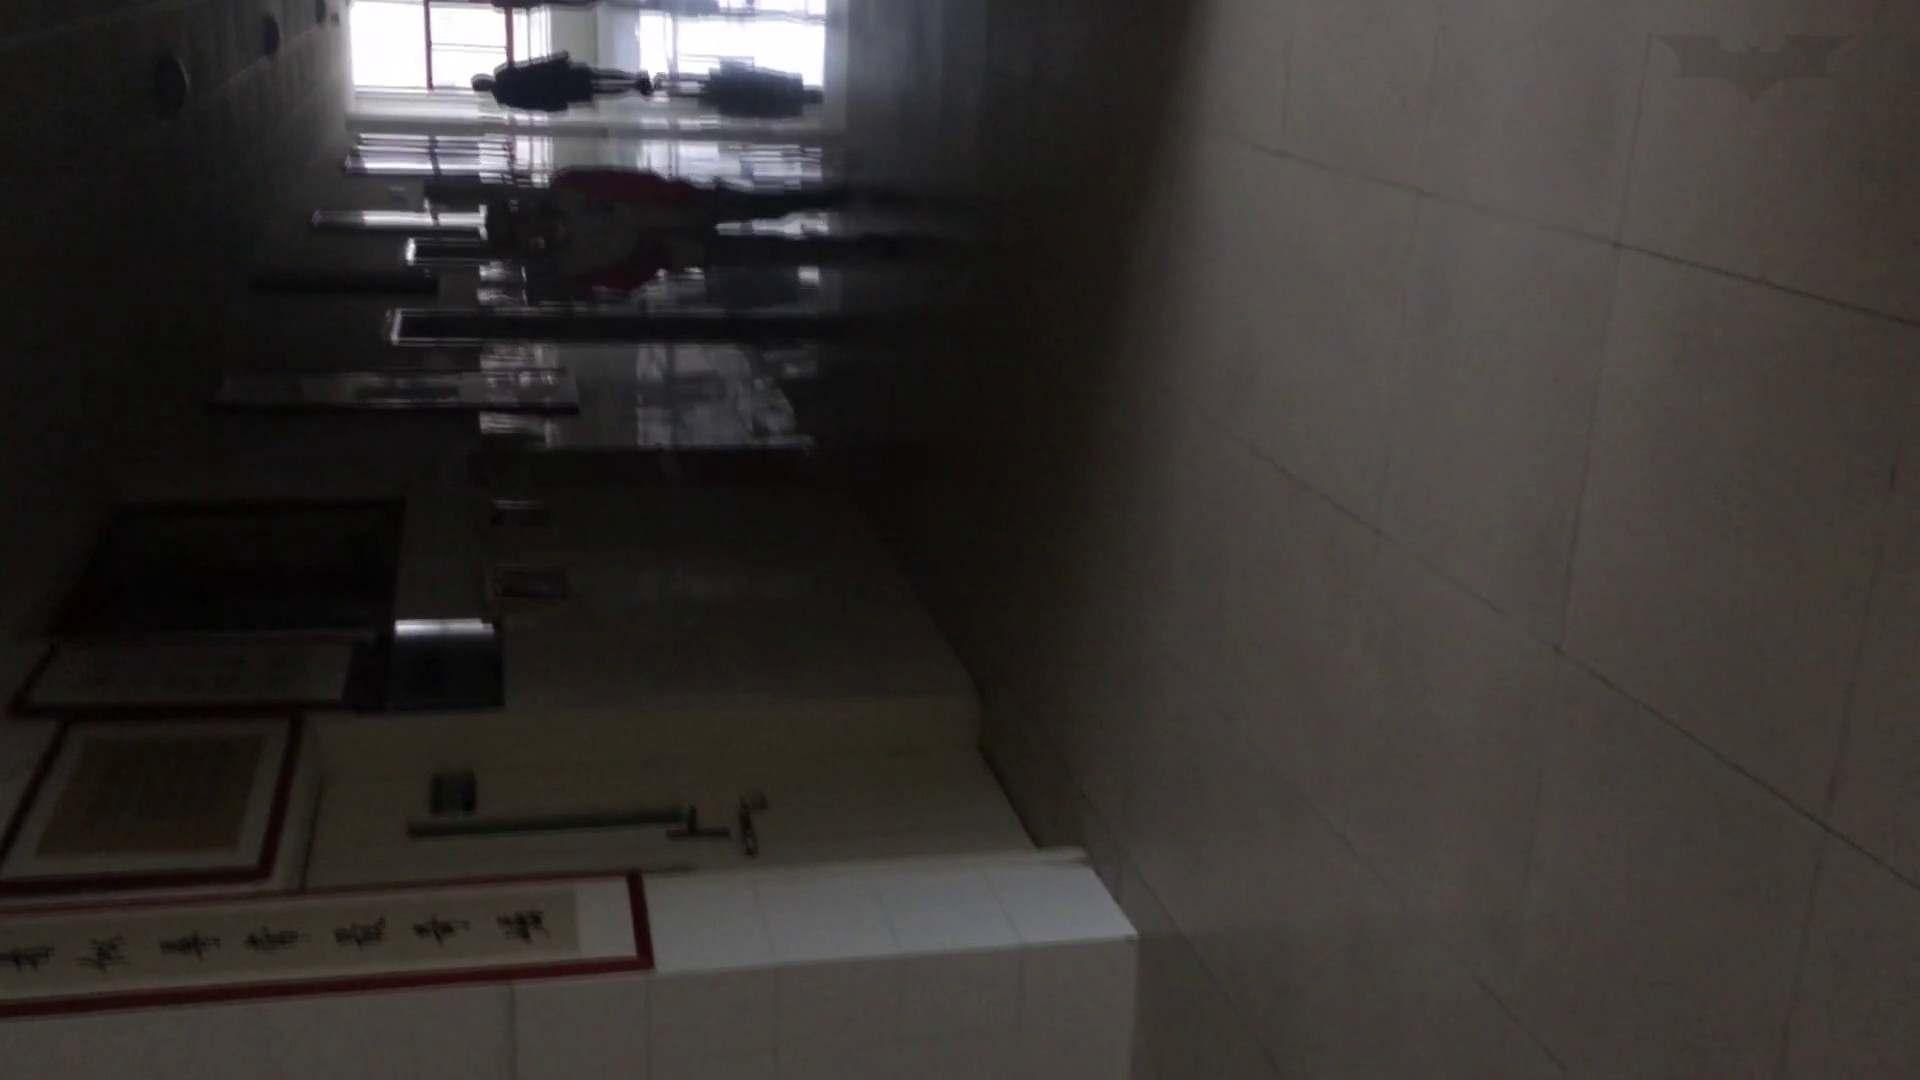 芸術大学ガチ潜入盗撮 JD盗撮 美女の洗面所の秘密 Vol.80 盗撮で悶絶 濡れ場動画紹介 69画像 56